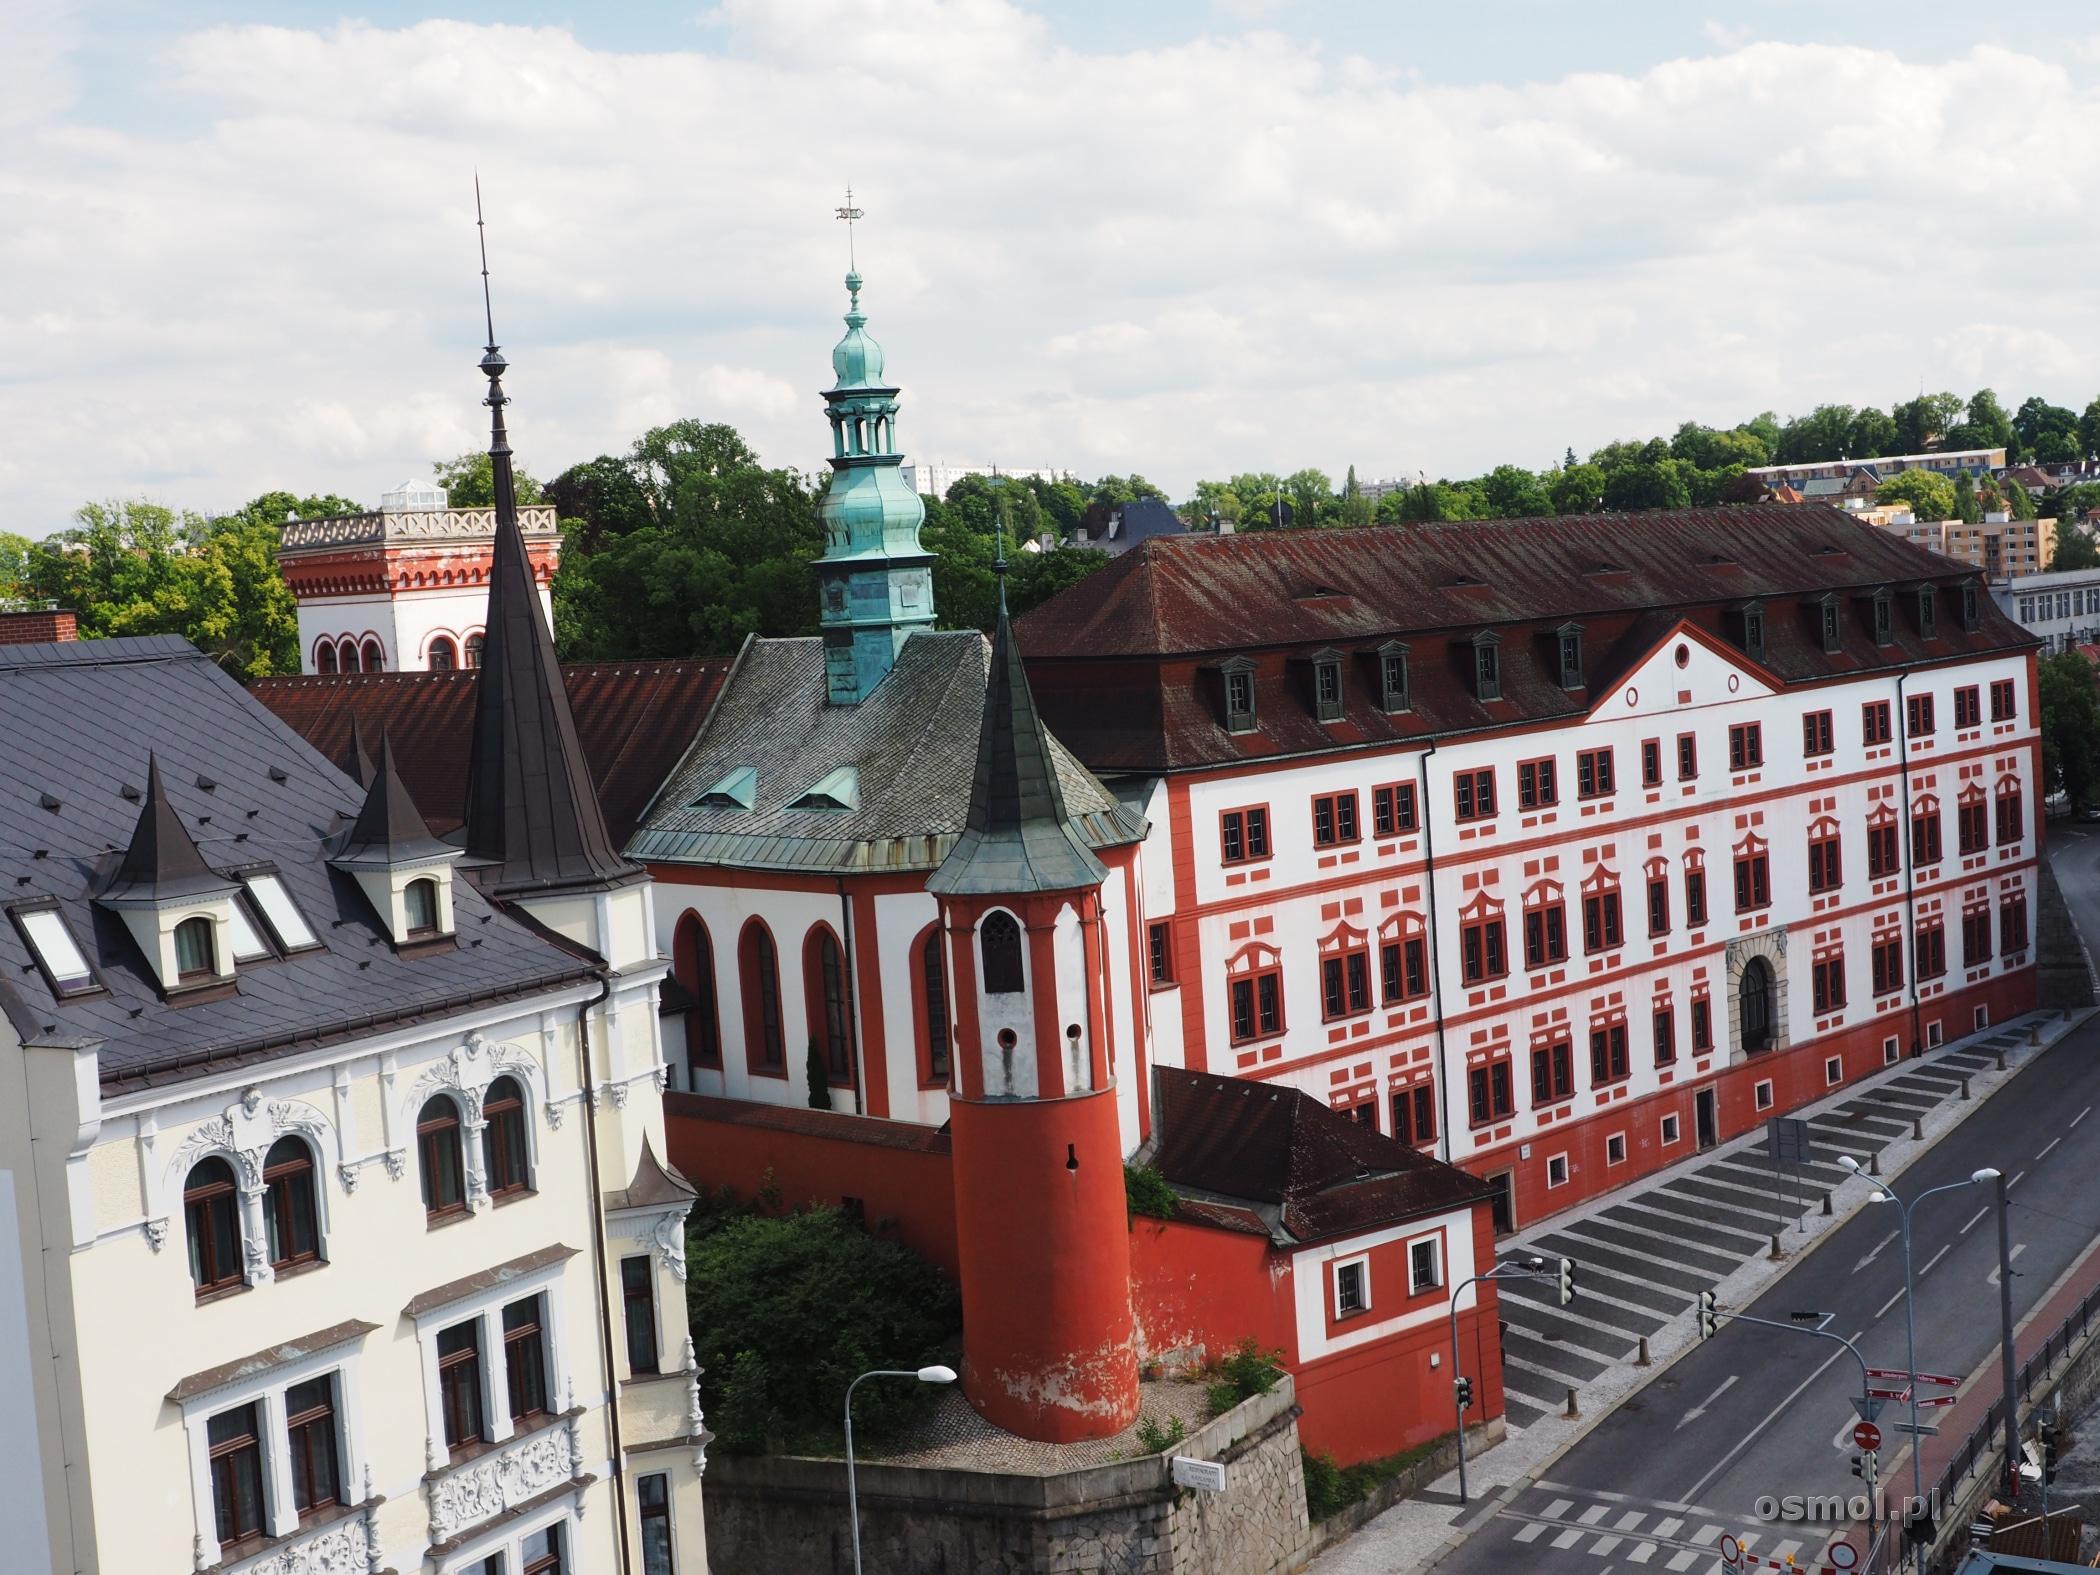 Zamek w Libercu, który w zasadzie jest bardziej pałacem